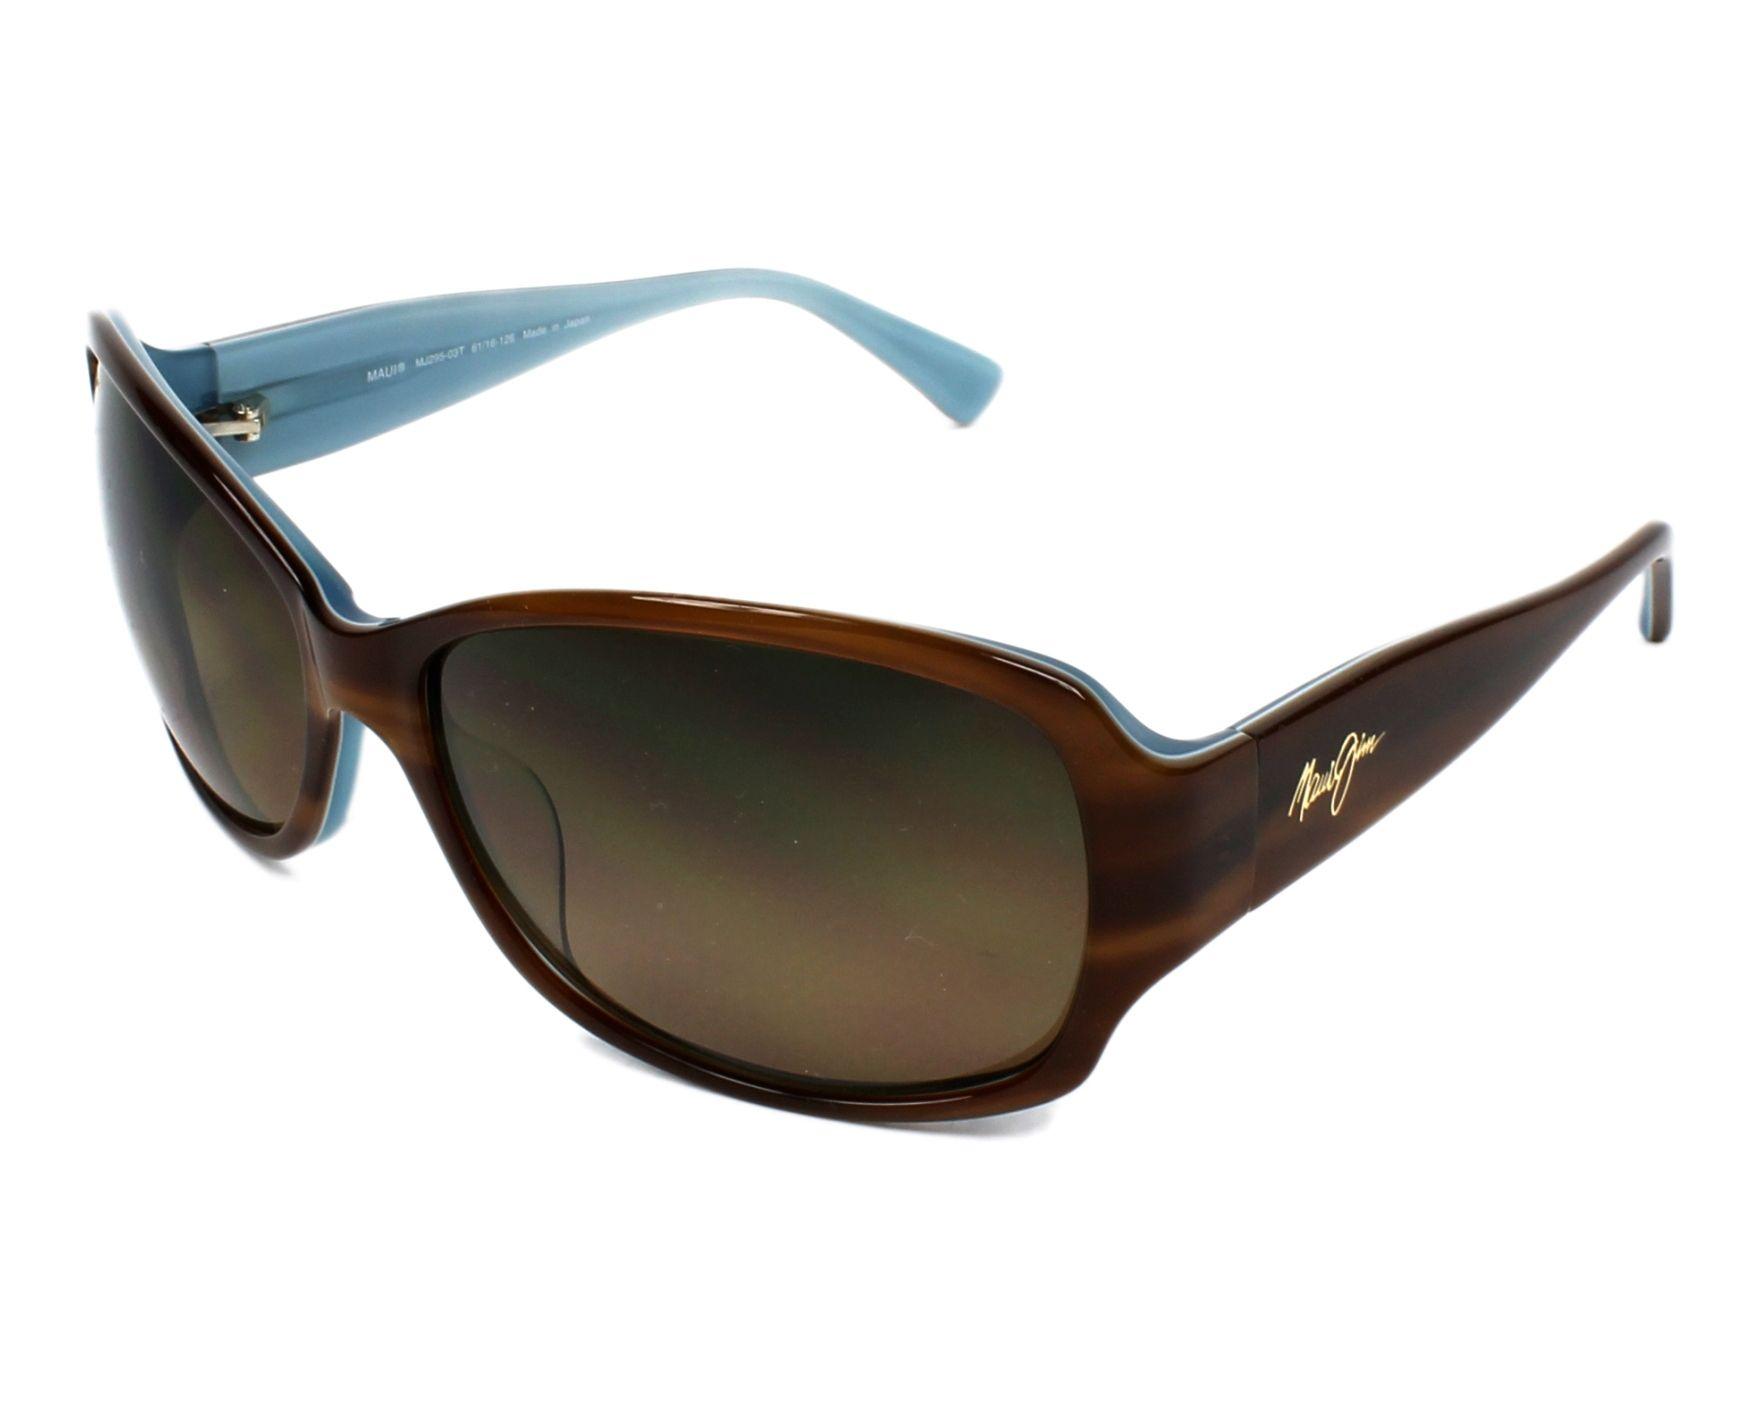 4707a0cc9a52 Sunglasses Maui Jim HS-295 03T 61-16 Havana Blue profile view